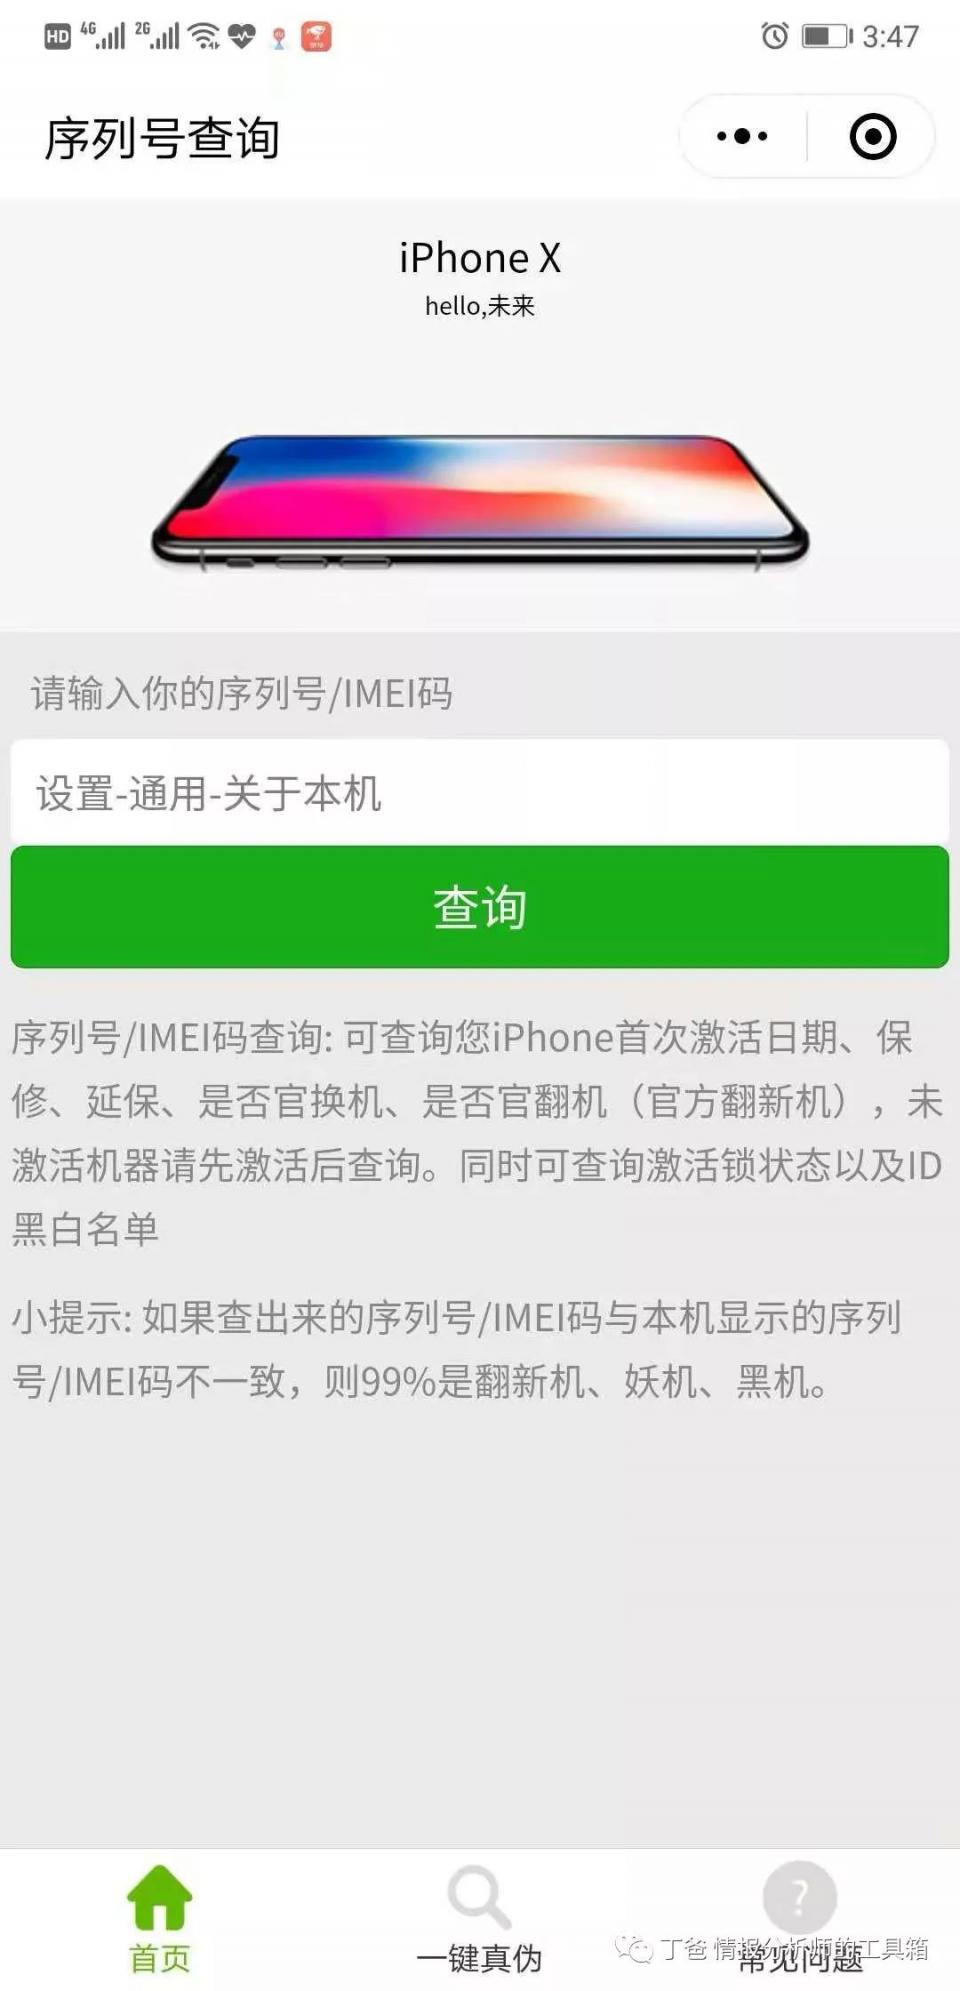 【工具】蘋果設備激活日期、保修時間、送修記錄、IMEI、WIFI MAC、ICCID查詢工具 - 壹讀